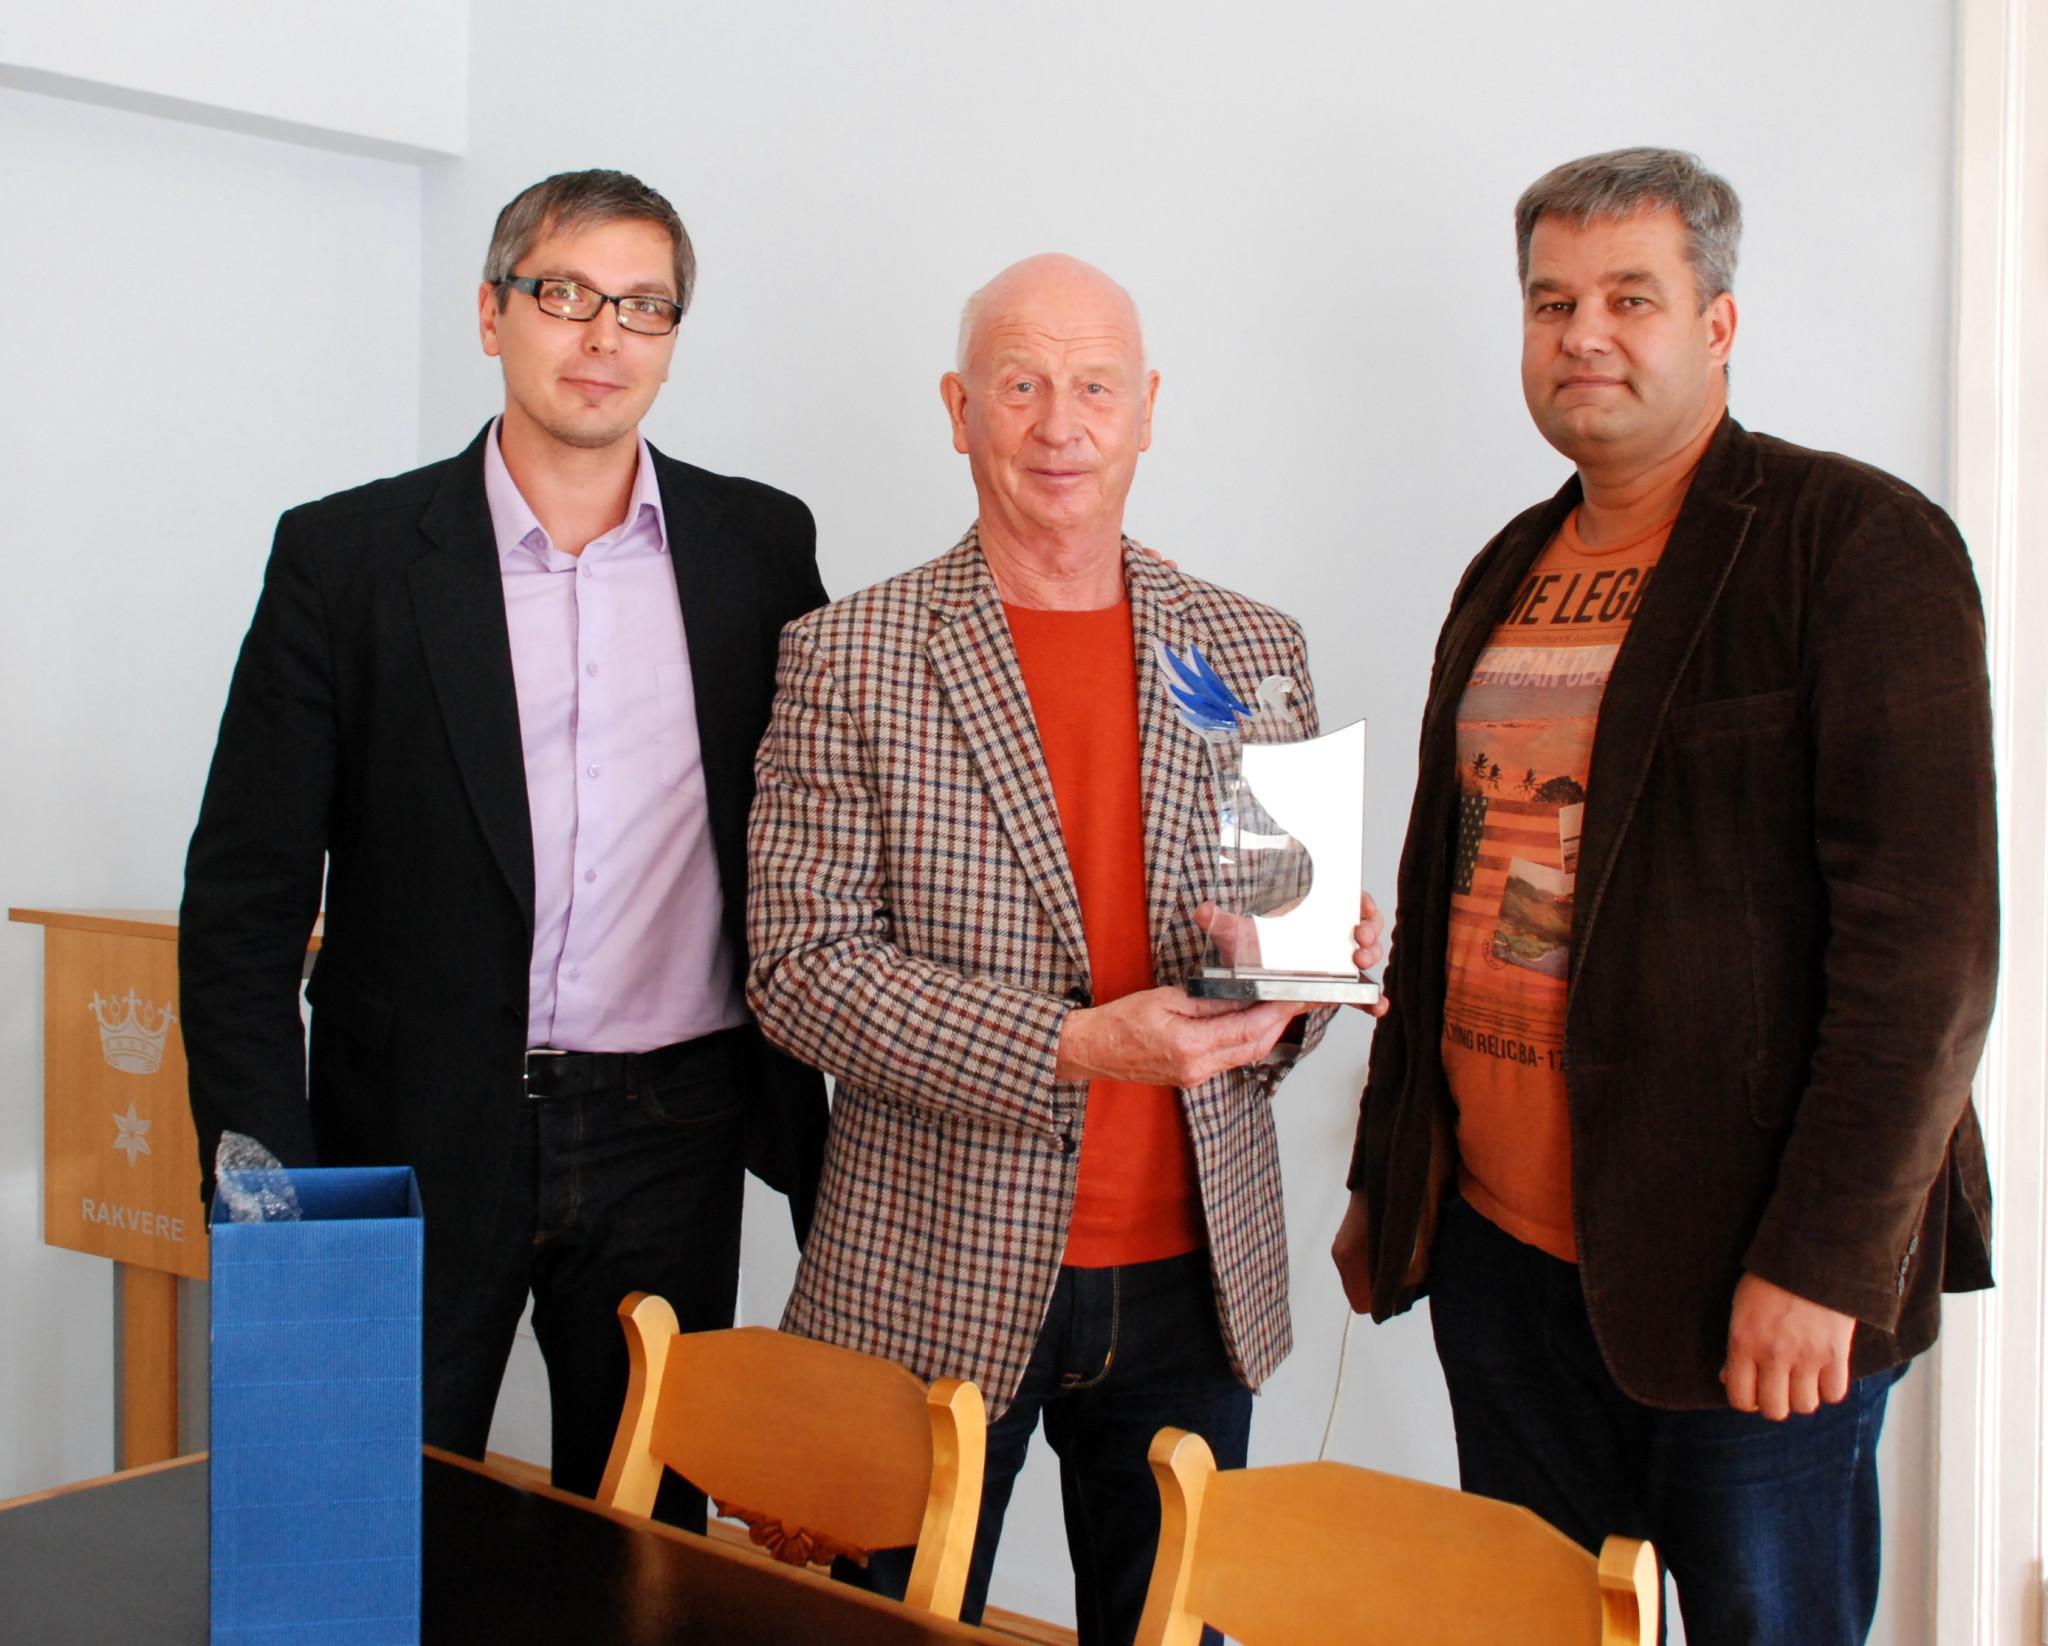 TUNNUSTUS! Maavanem tunnustas Rakvere linnavalitsust siseturvalisuse vabatahtlike toetamise eest